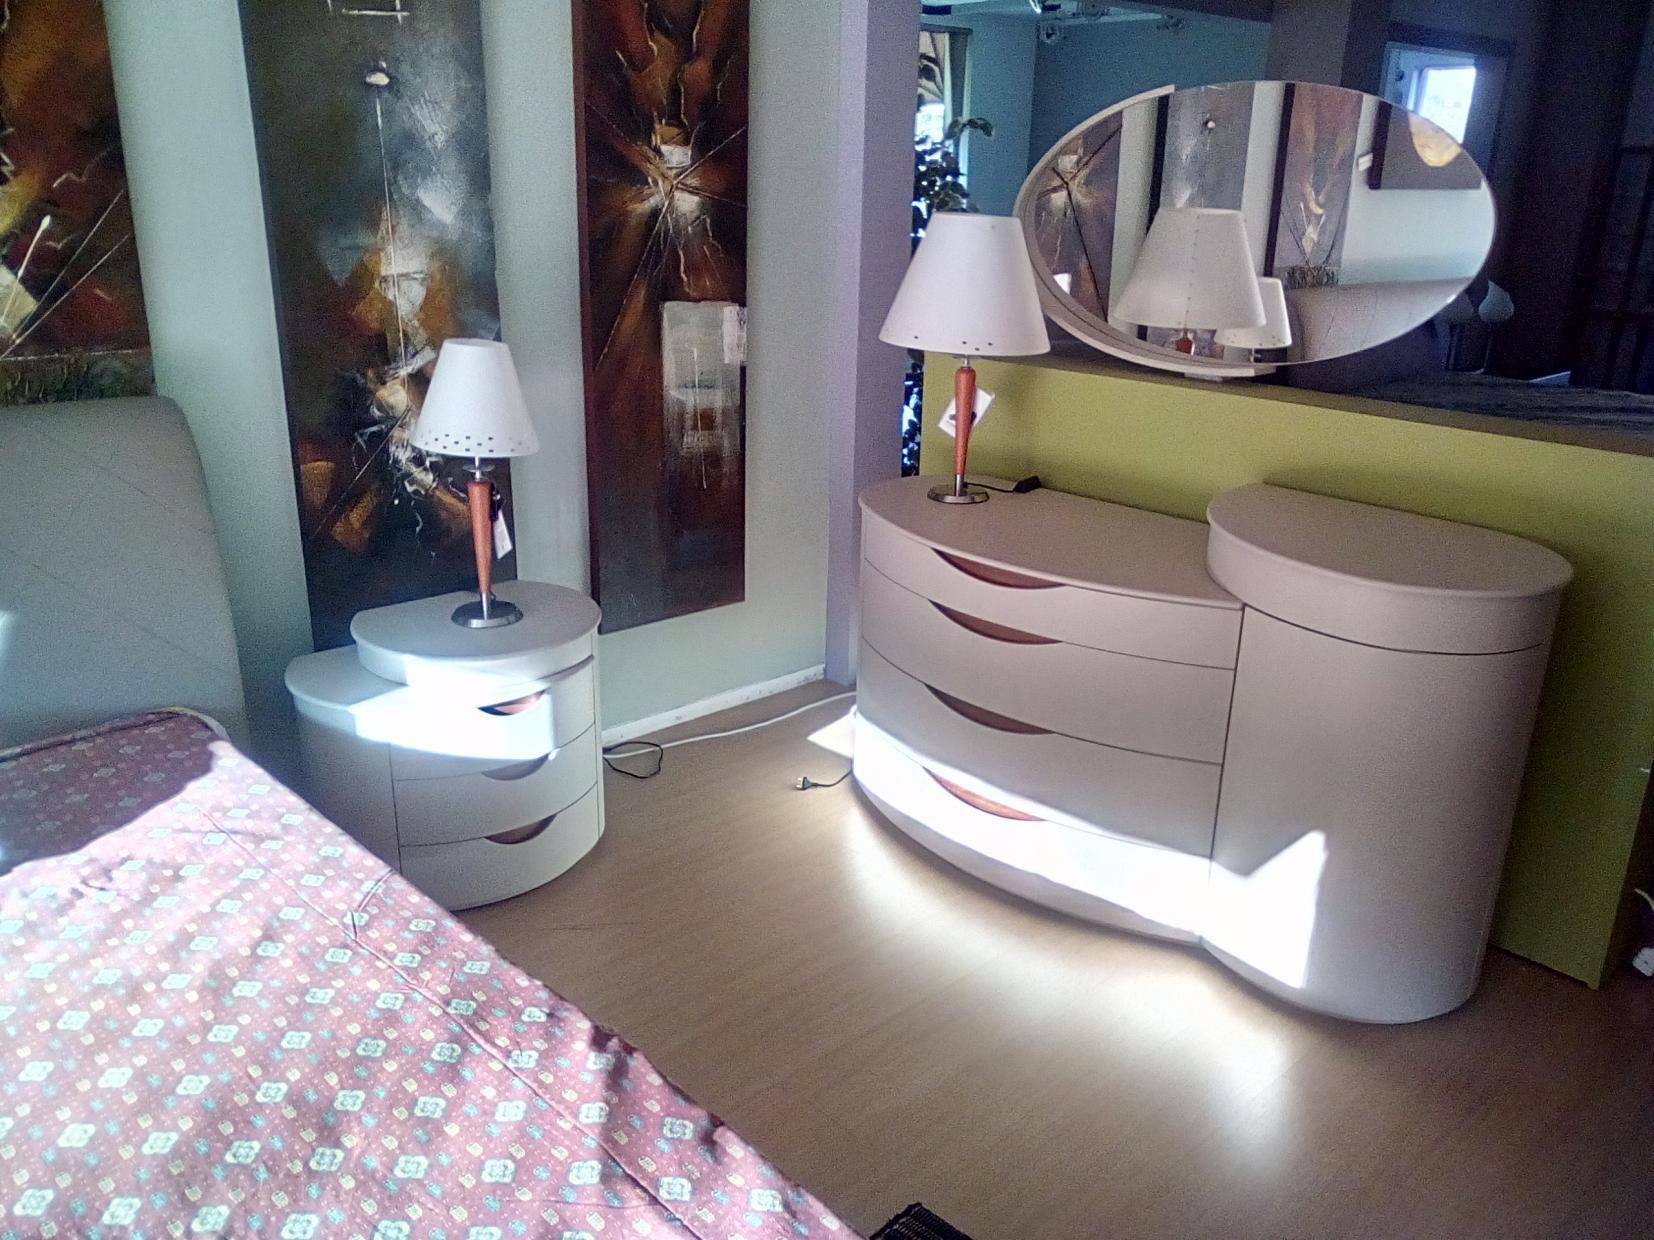 Camera Da Letto Modello Glamour : Camera da letto fazzini mod marilyn glamour u cardosi arredamenti